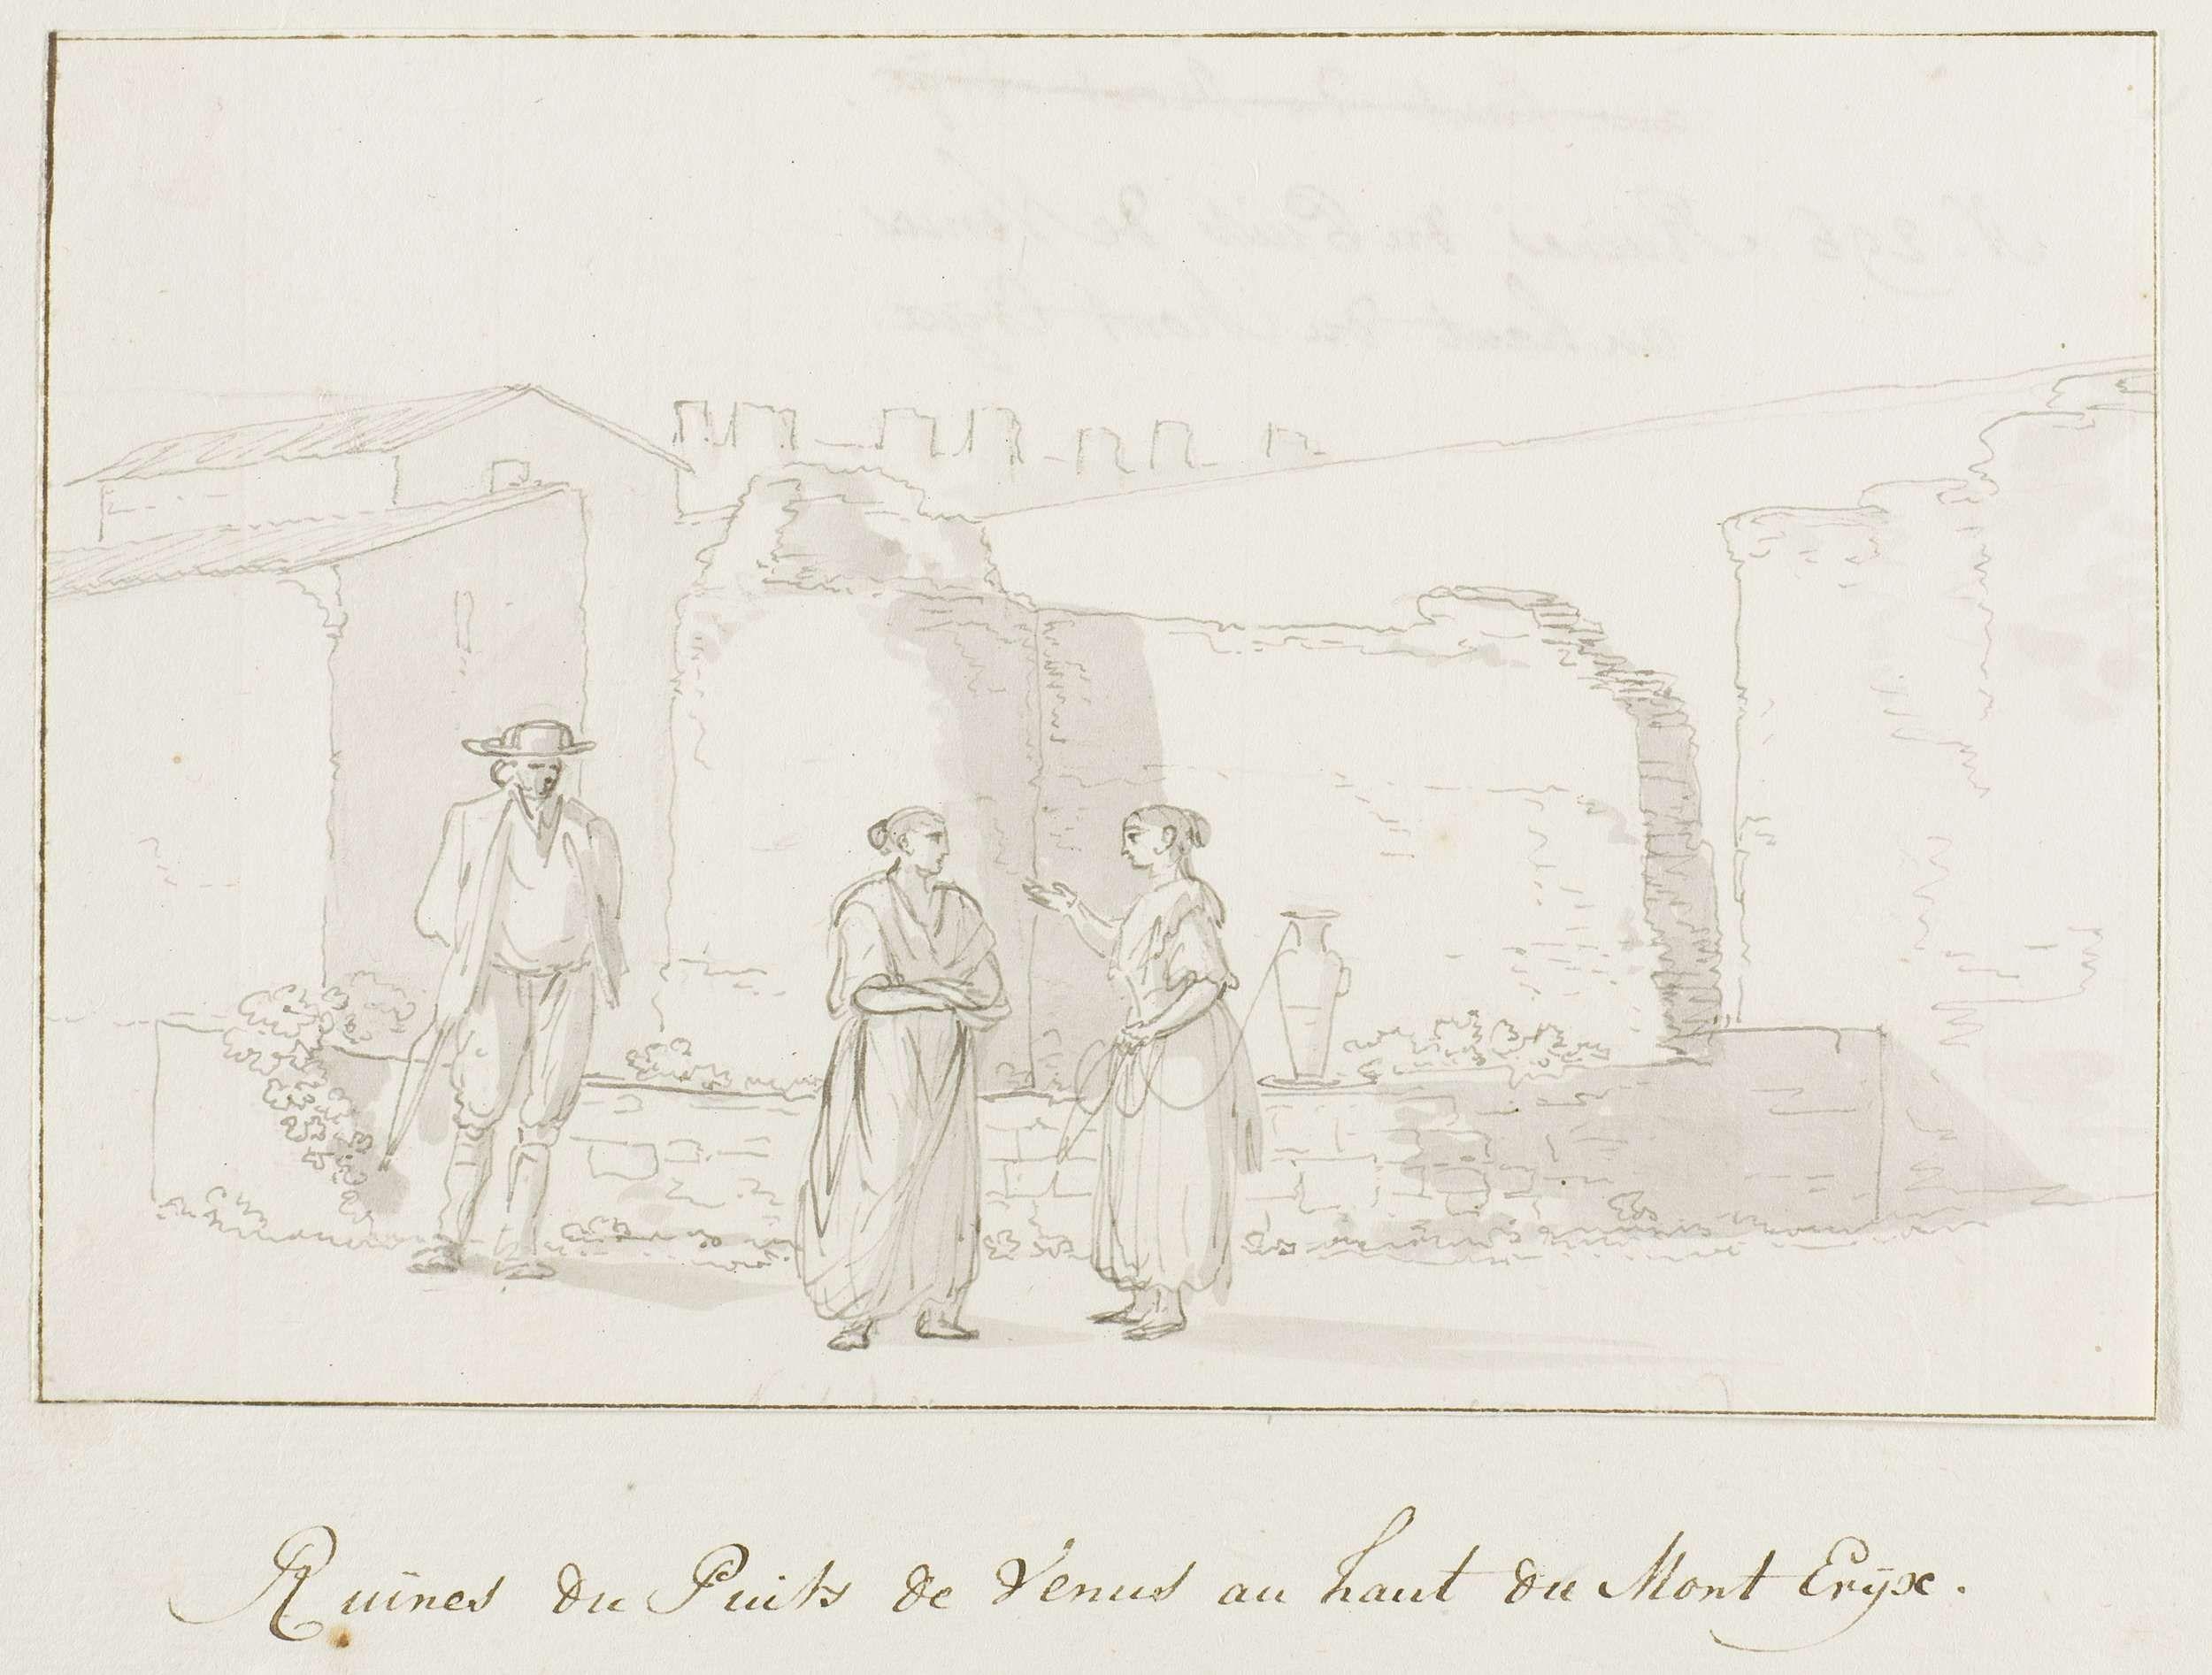 Louis Ducros | Ruïnes van de put van Venus, gelegen hoog op de berg Eryx, Louis Ducros, 1778 | Tekening uit het album 'Voyage en Italie, en Sicile et à Malte', 1778.